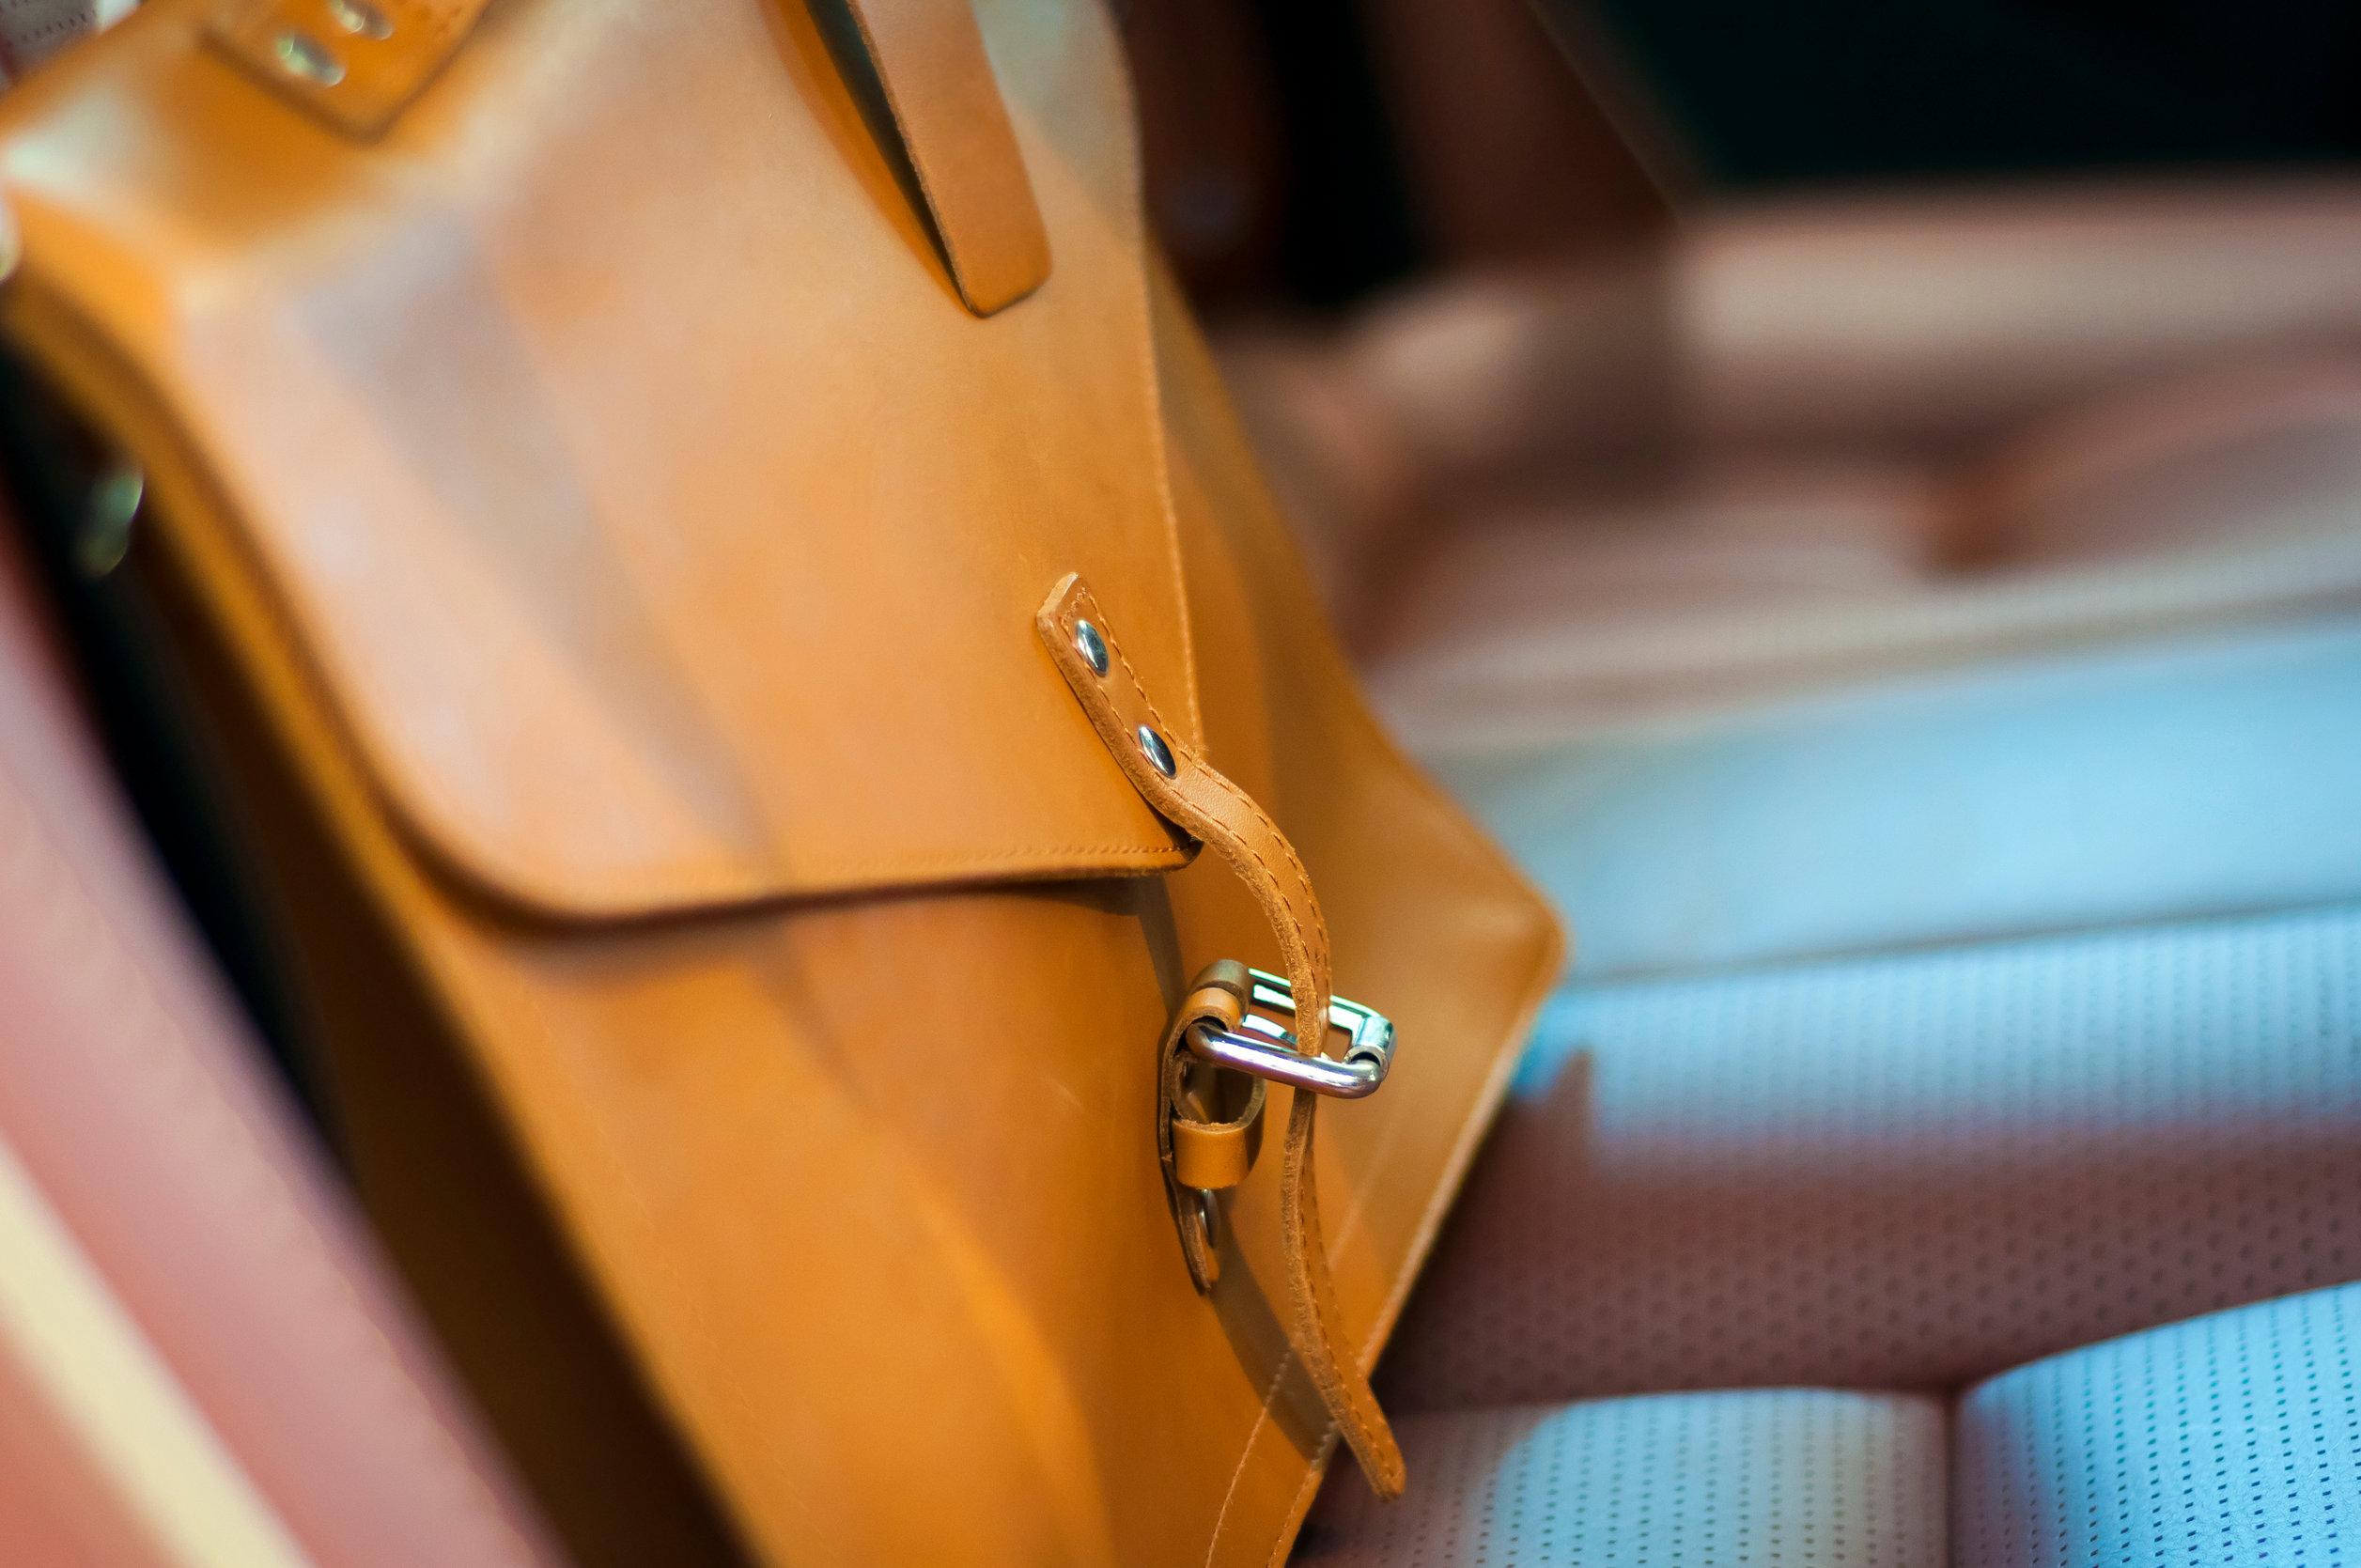 maletín de cuero marrón en el asiento trasero del coche